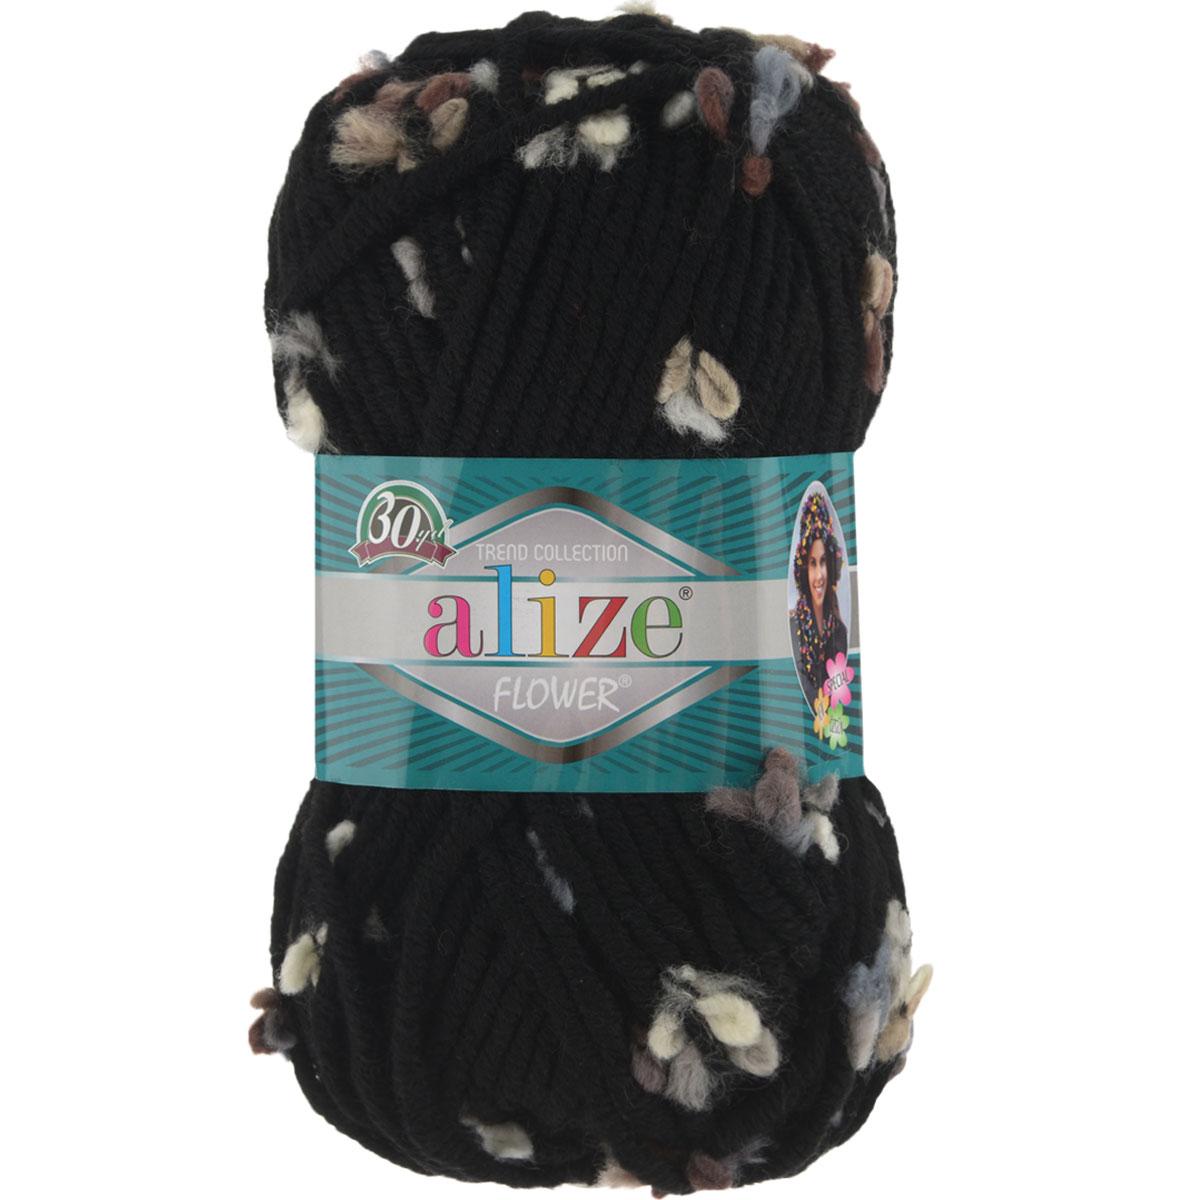 Пряжа для вязания Alize Flower, цвет: черный, бежевый, голубой (5085), 80 м, 100 г, 5 шт693451_5085Пряжа для вязания Alize Flower - это однотонная ровная нить, которая состоит из шерсти и акрила, с пришитыми по всей длине маленькими шерстяными разноцветными цветочками. Скручена нитка слабо, цветочки друг от друга находятся на одинаковом расстоянии и крепятся одной из ниток довольно прочно. Пряжа достаточно комфортная, и приятная, легко распускается и позволяет перевязывать изделия, если вы аккуратно обходились с цветочками. Нитки прочные, сохраняют свою скрученность, не расслаиваются. Эта оригинальная пряжа будет хорошо смотреться на всевозможных детских изделиях - жилетах, платьицах, а также хорошо ею вязать шапки, шарфы, снуды. Предназначена для ручного вязания спицами, теплая и мягкая. Рекомендованные спицы № 7-10, крючок № 6-7. Состав: 70% акрил, 25% шерсть, 5% полиамид.